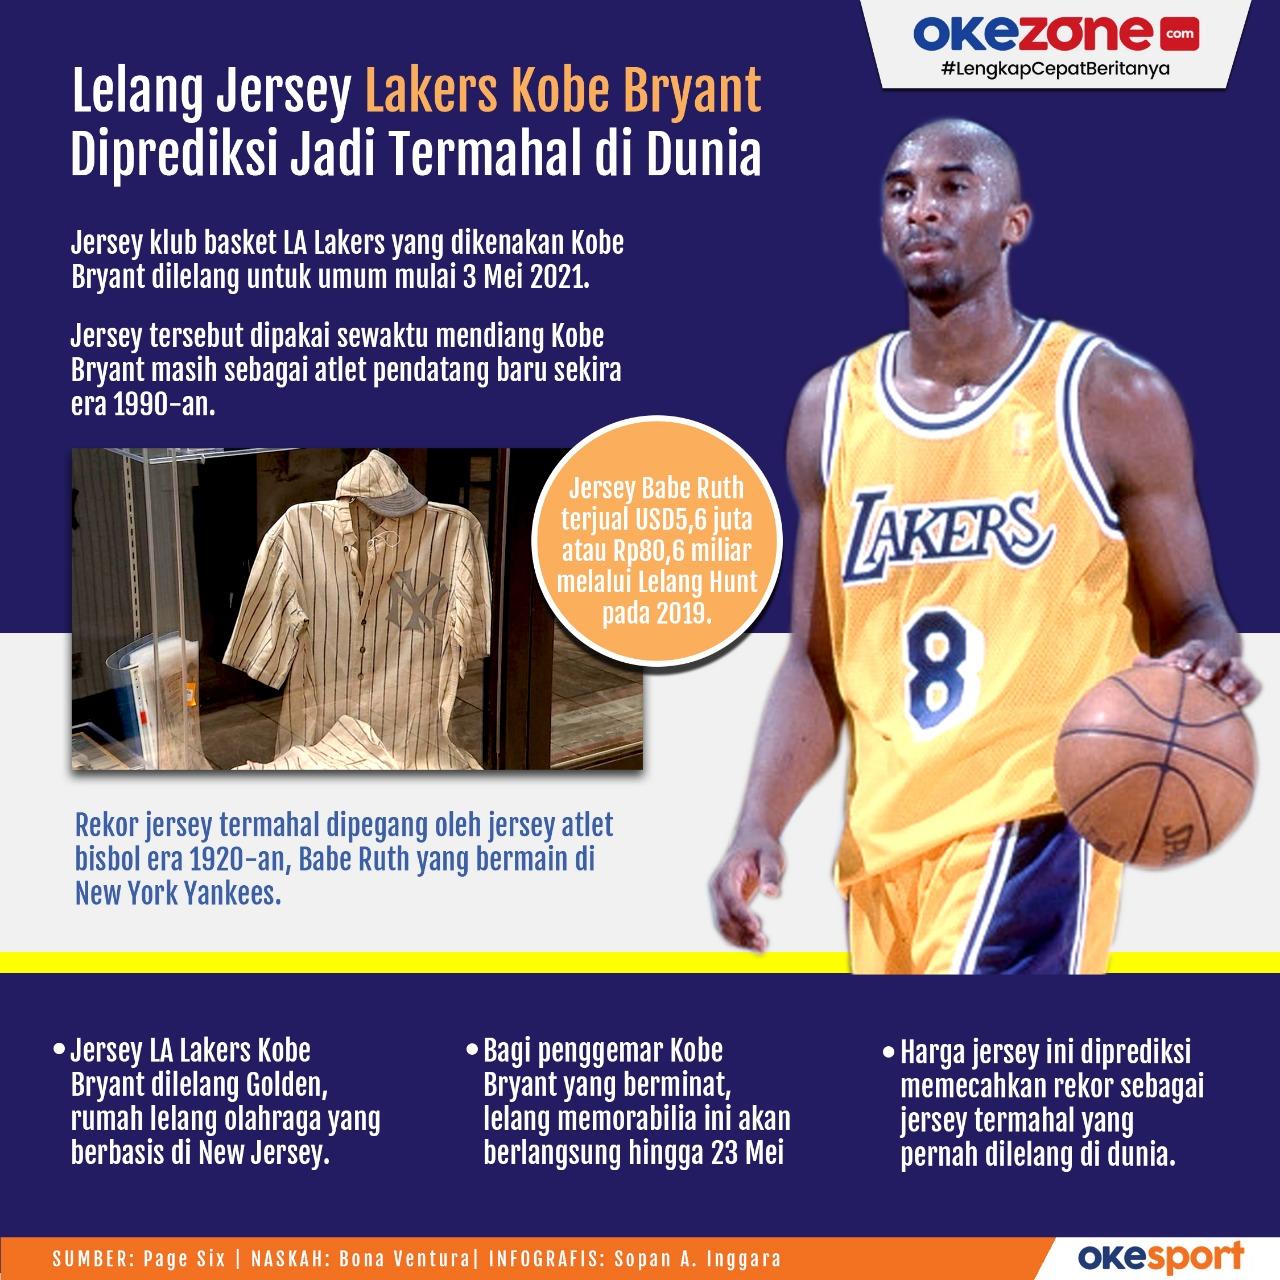 Lelang Jersey Kobe Bryant Diprediksi Jadi Termahal di Dunia -